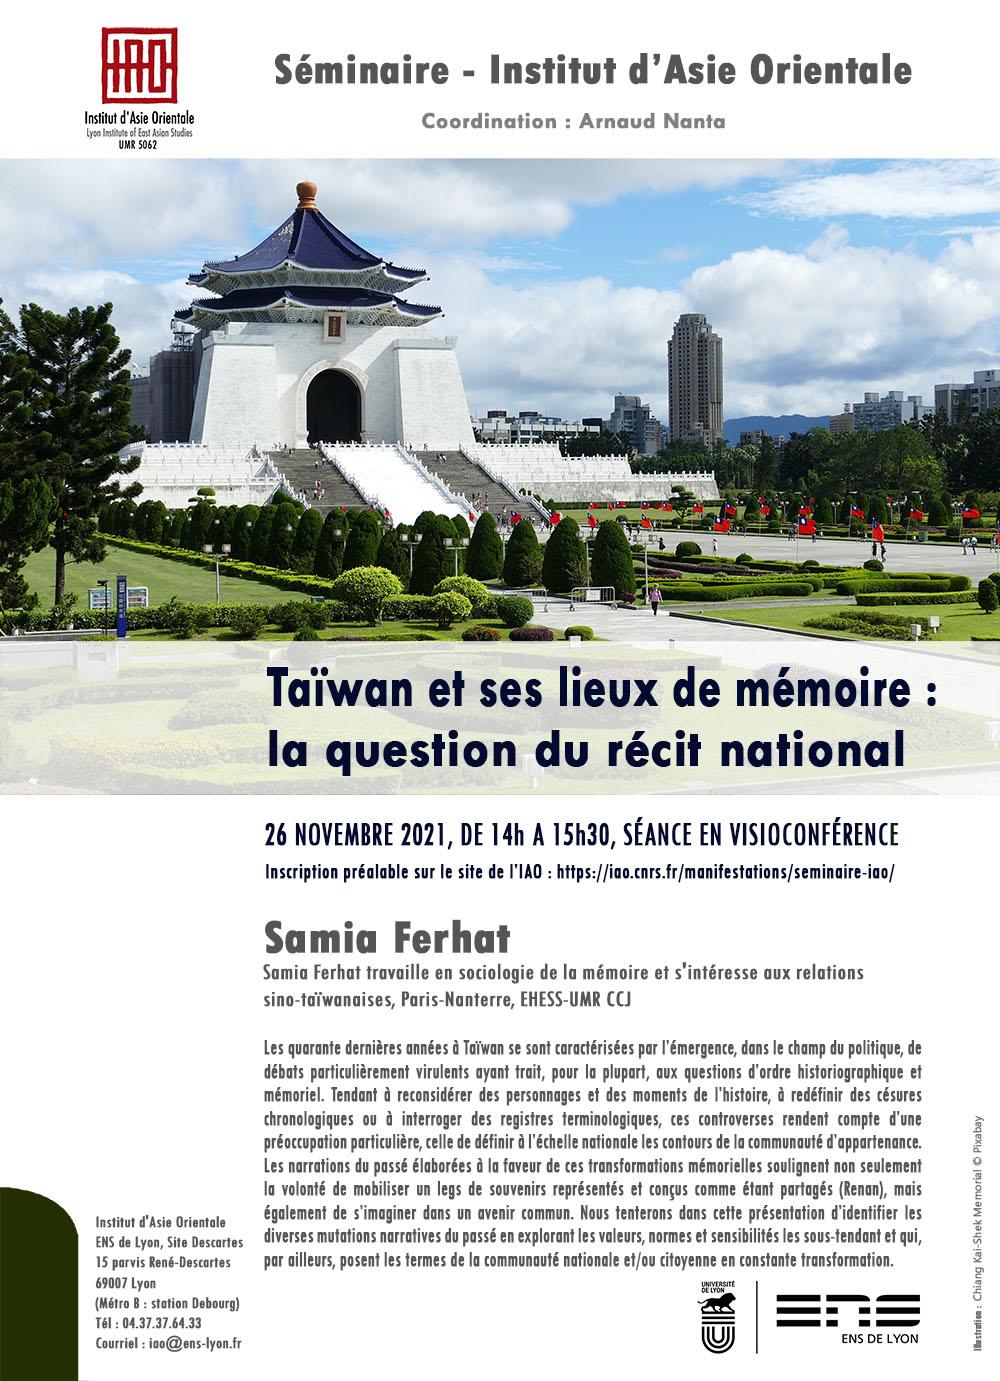 « Taïwan et ses lieux de mémoire : la question du récit national »  Samia Ferhat